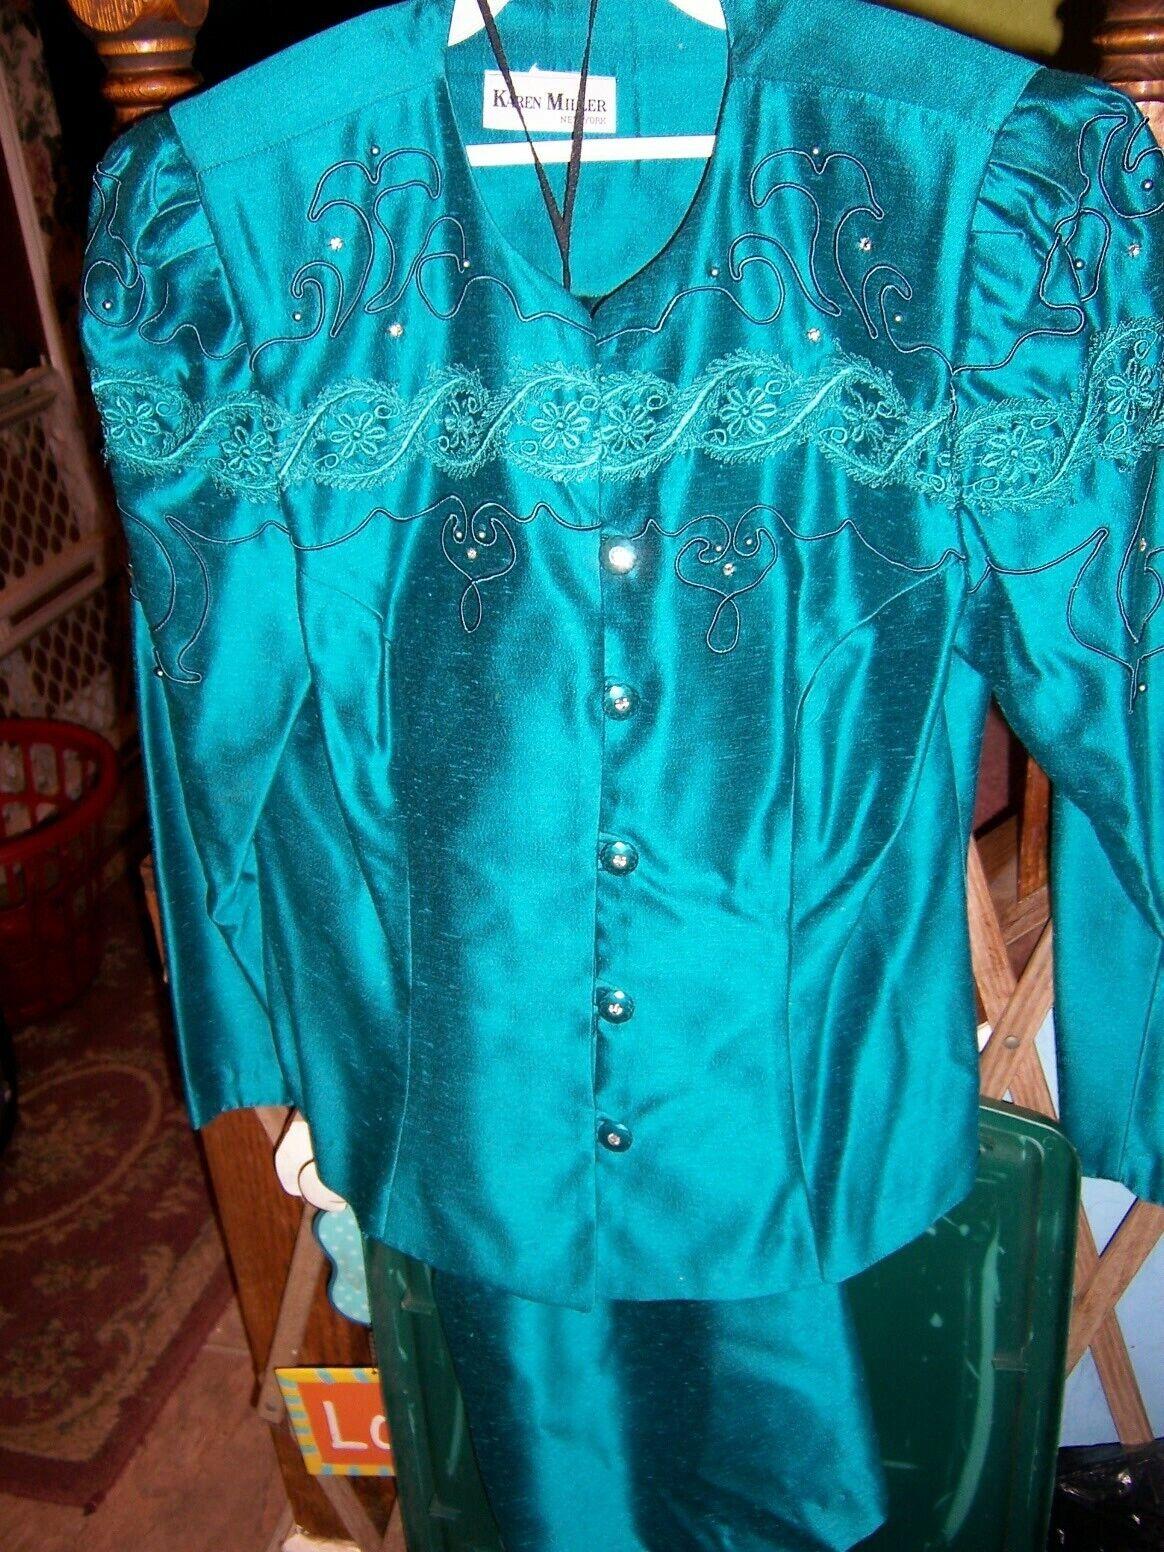 KAREN MILLER (NY) Emerald Green Embellished Evening Skirt Suit - SIZE 10